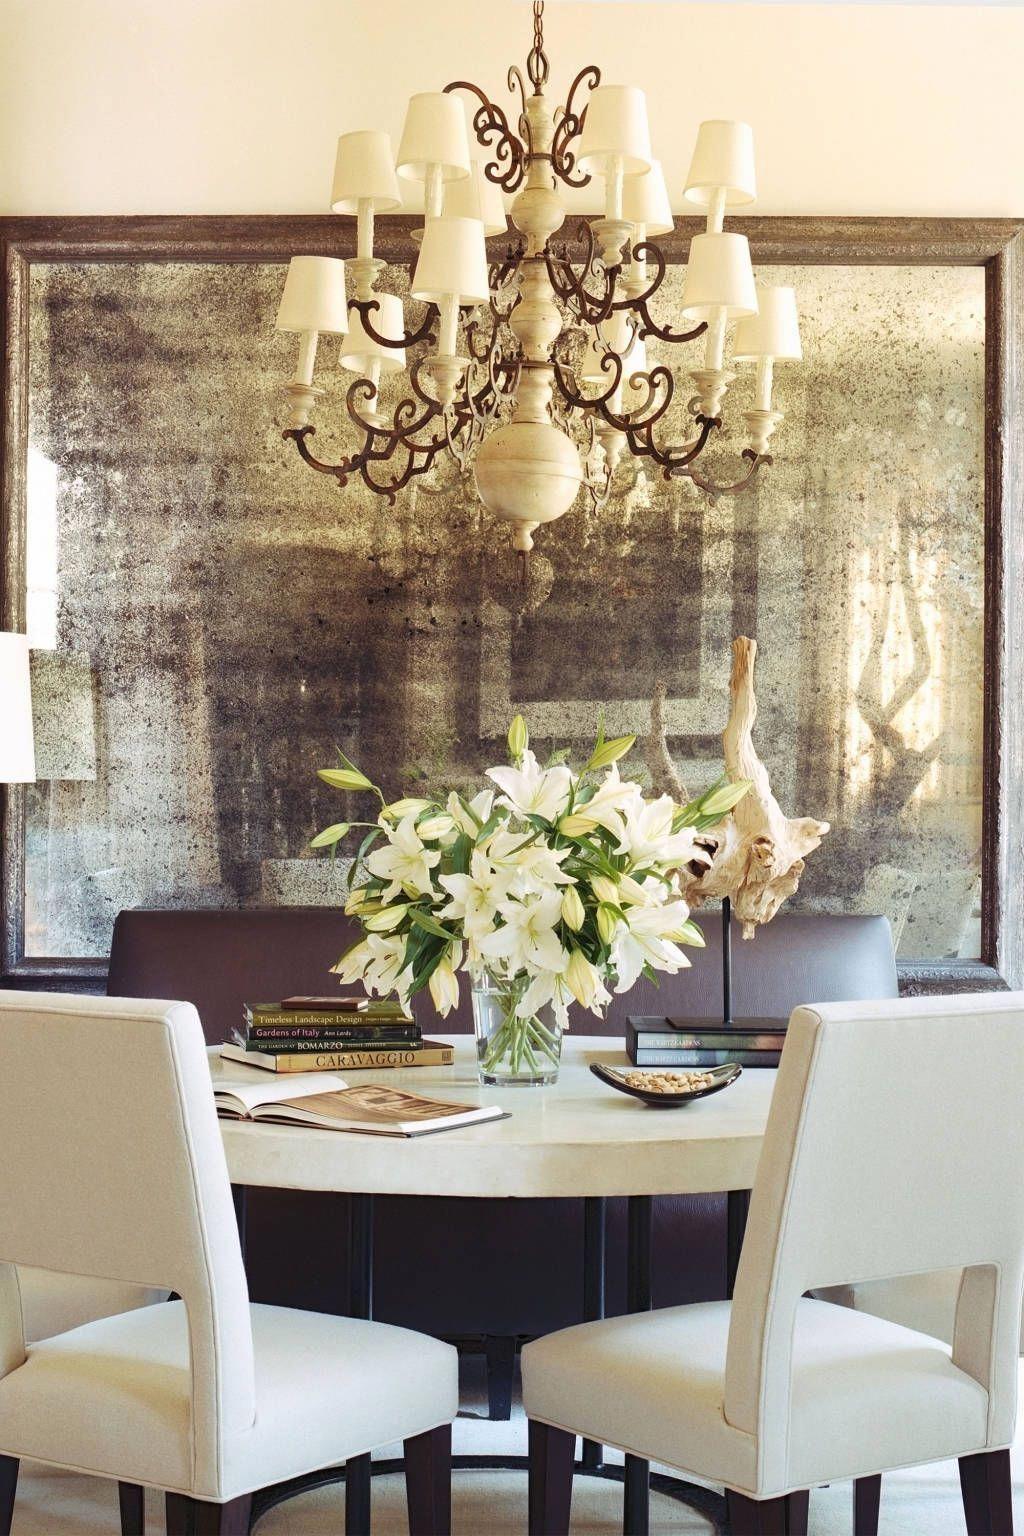 Home Decorating Tips Walldecor Mirror Dining Room Decor Home Decor Tips